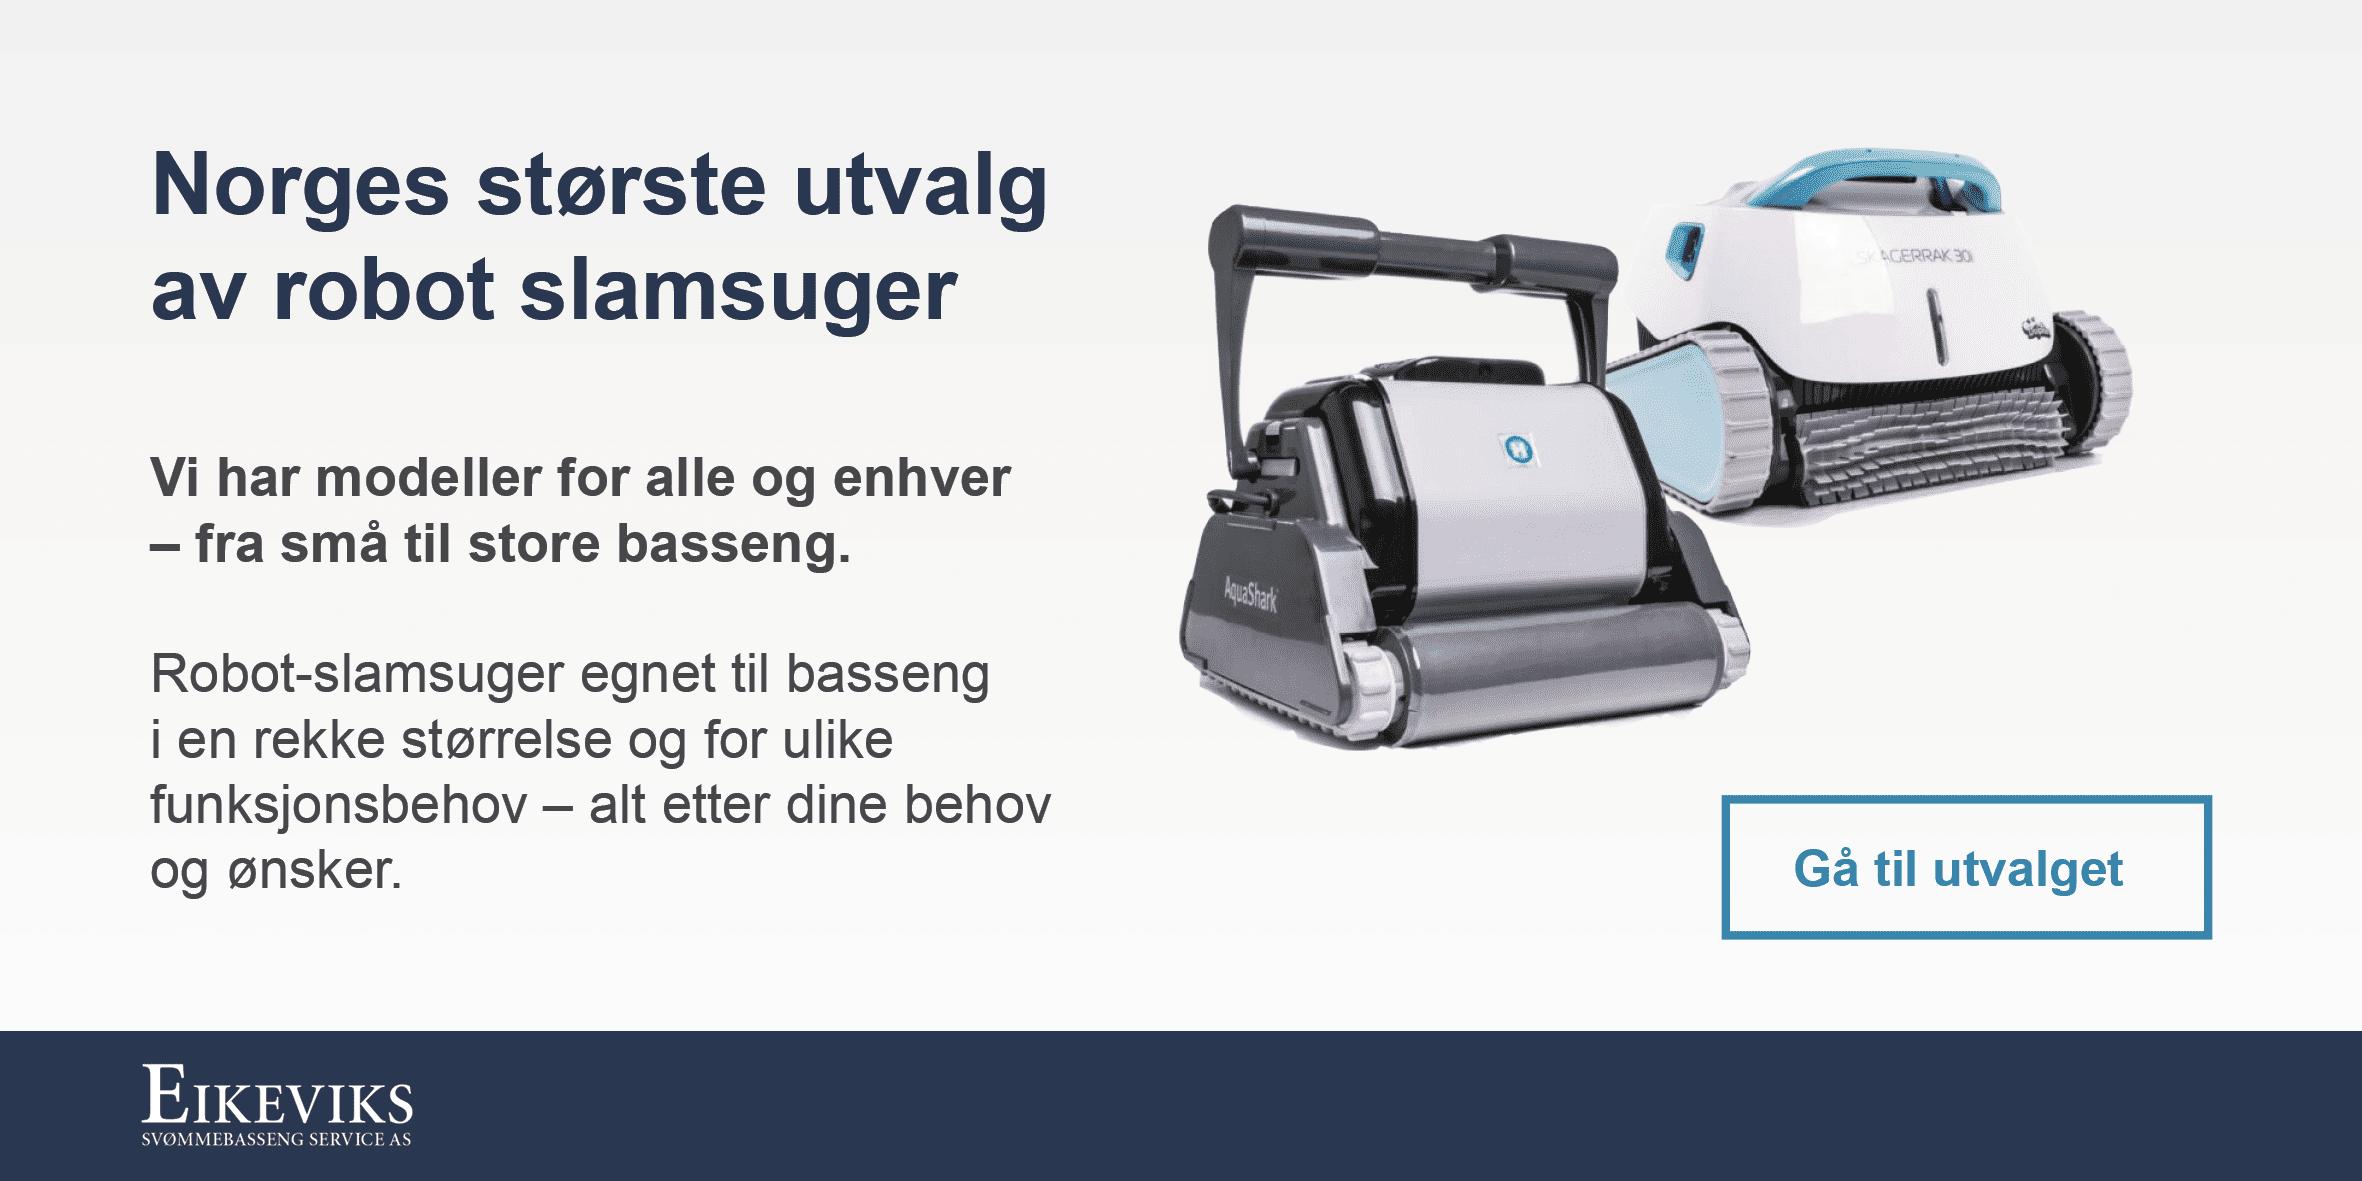 Norges største utvalg av robot slamsuger